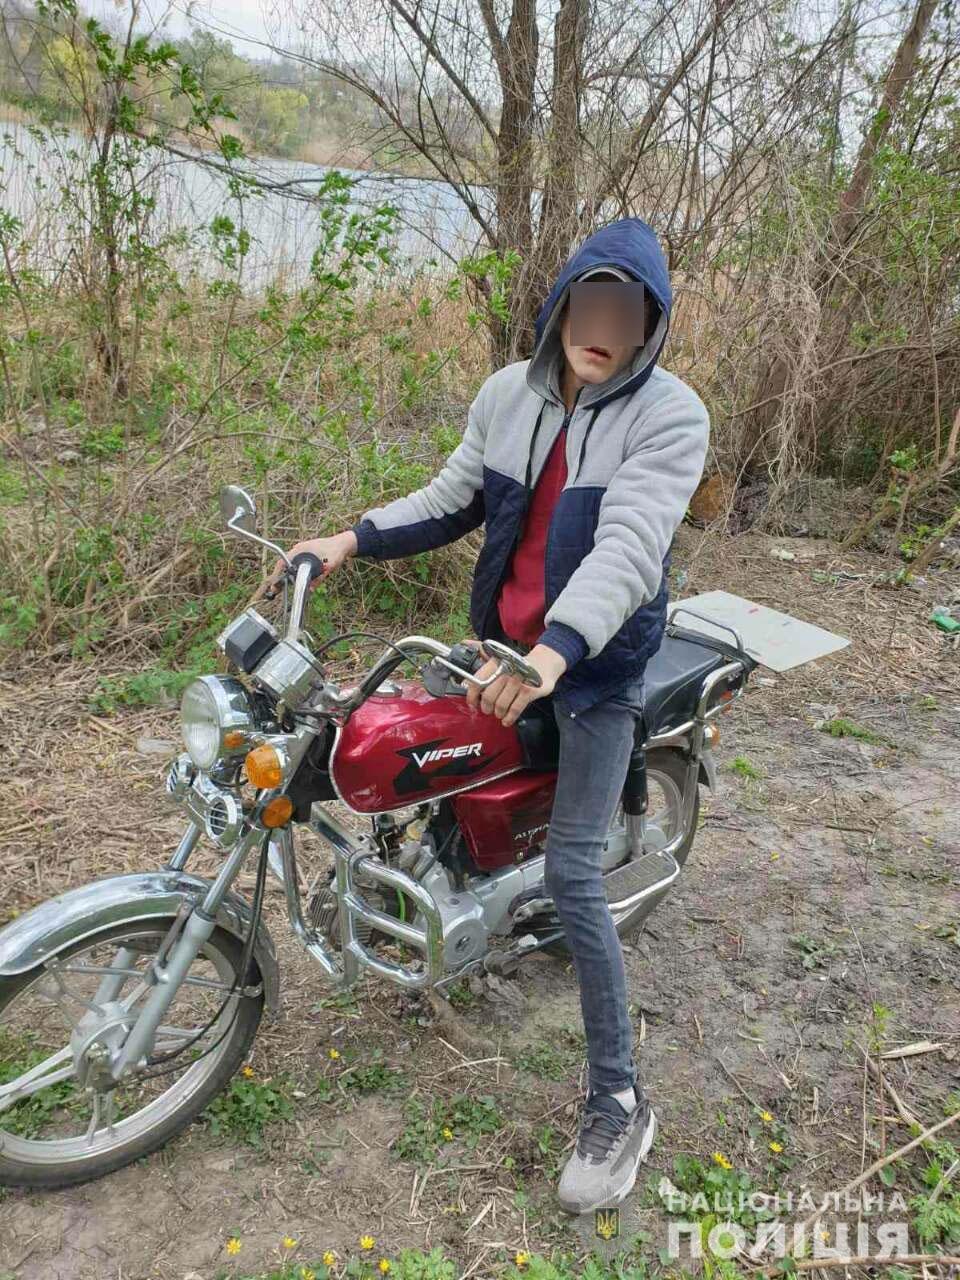 На Николаевщине парень пытался украсть мопед, но его заметили и он сбежал, - ФОТО, фото-1